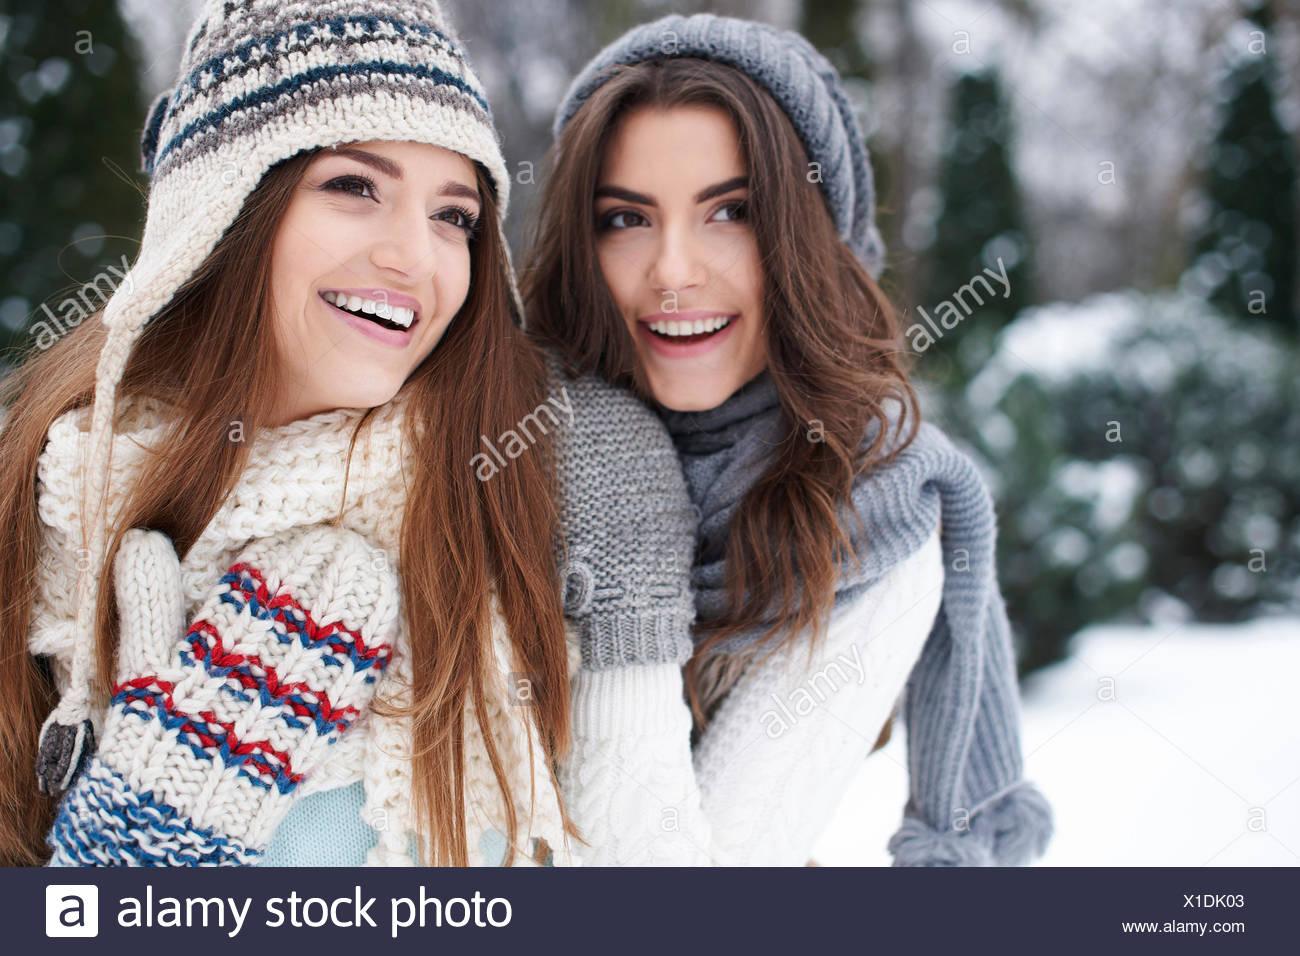 Porträt von schönen Mädchen warme Kleidung zu tragen. Debica, Polen Stockbild